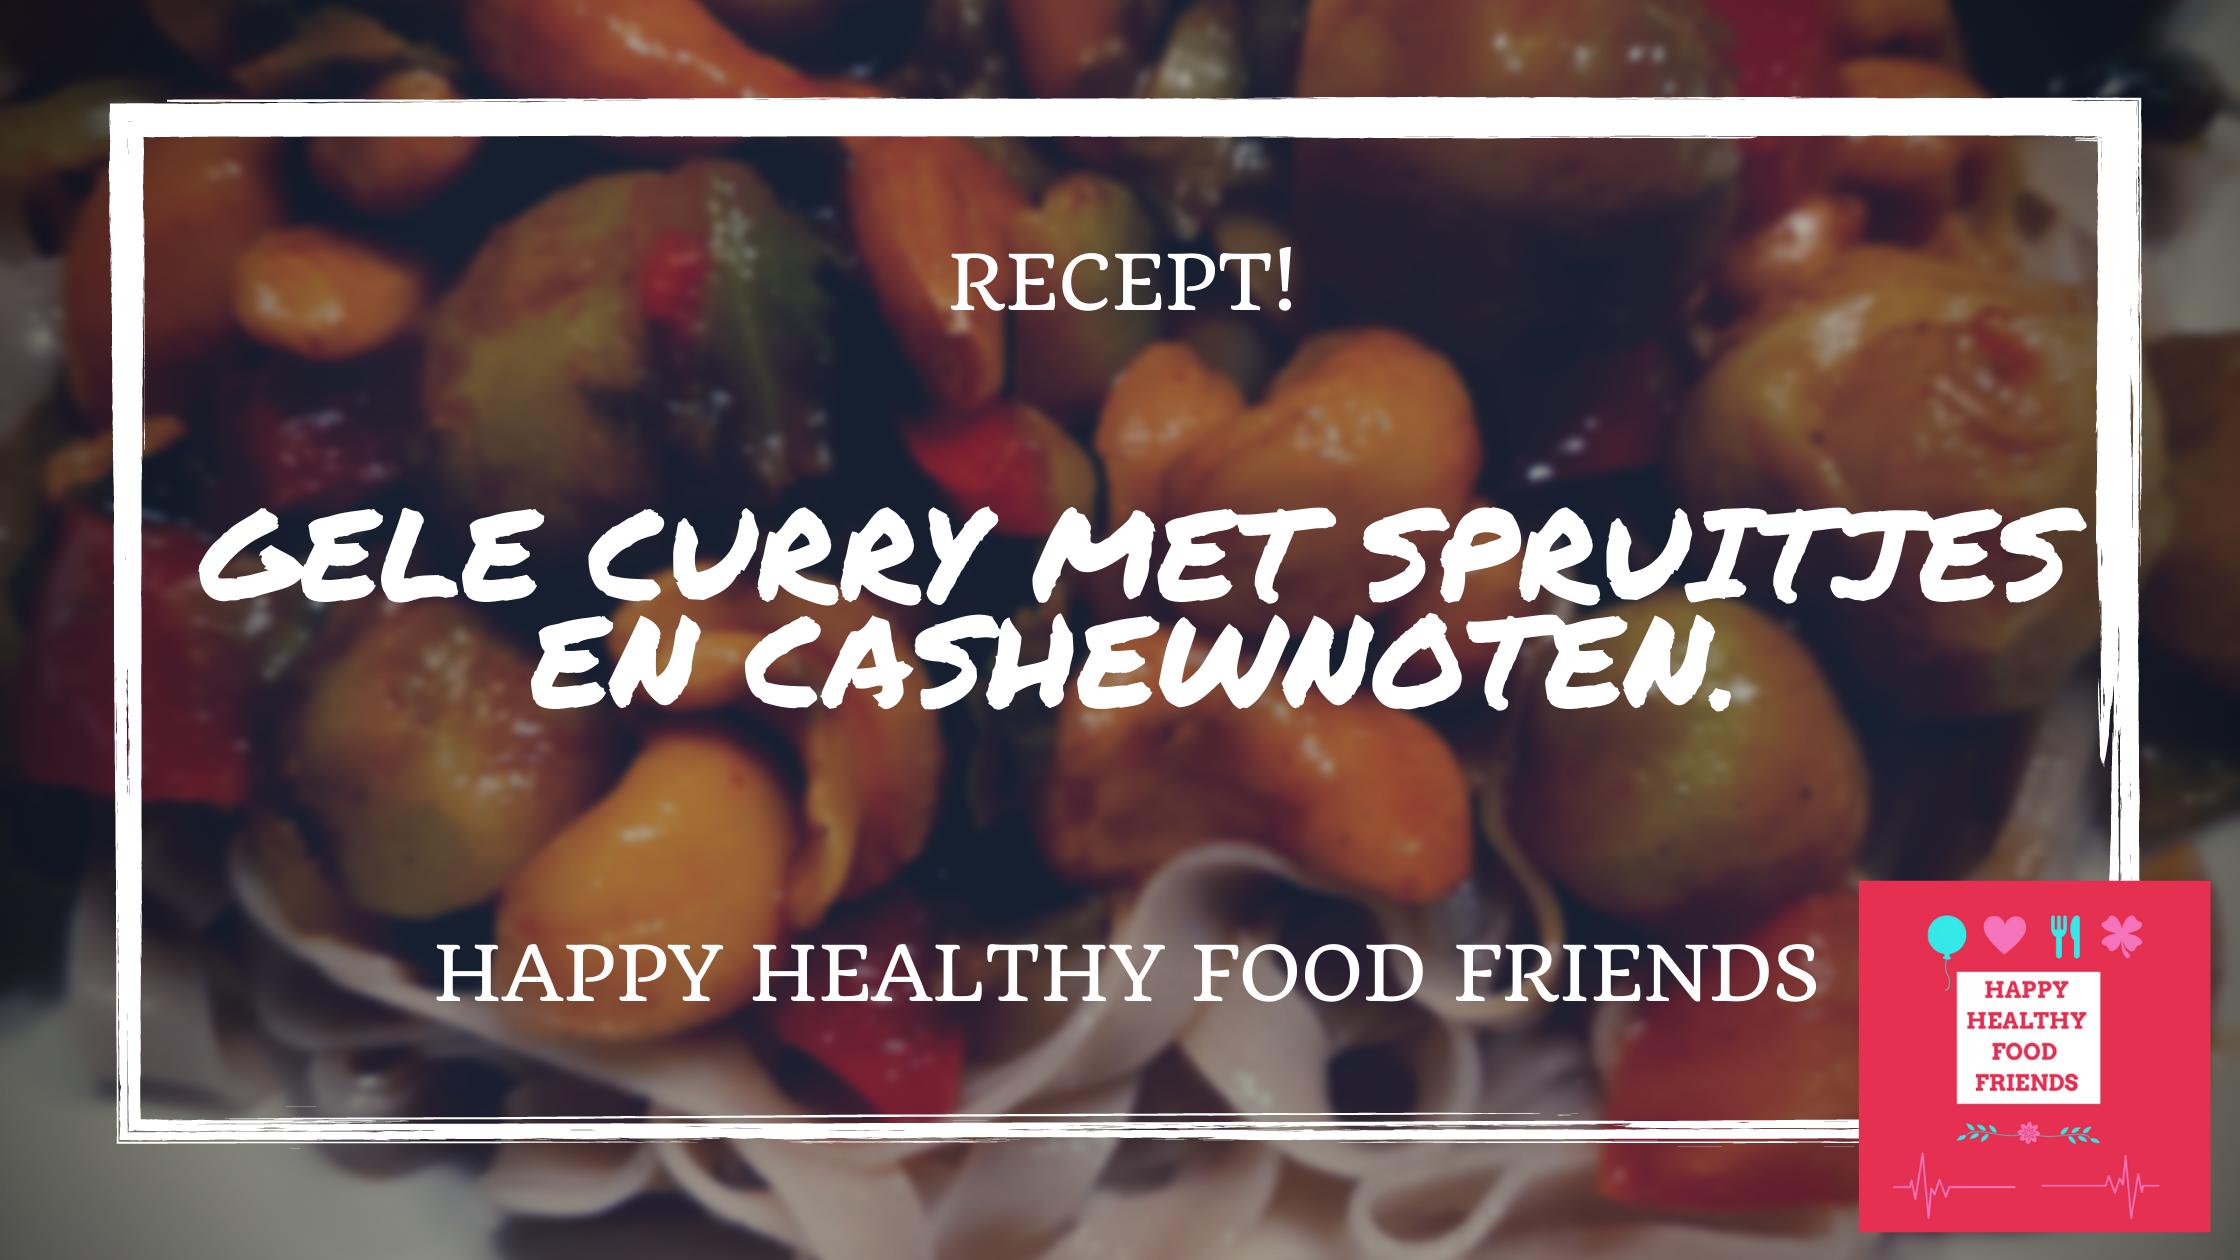 Vegetarische gele curry met spruitjes en cashewnoten